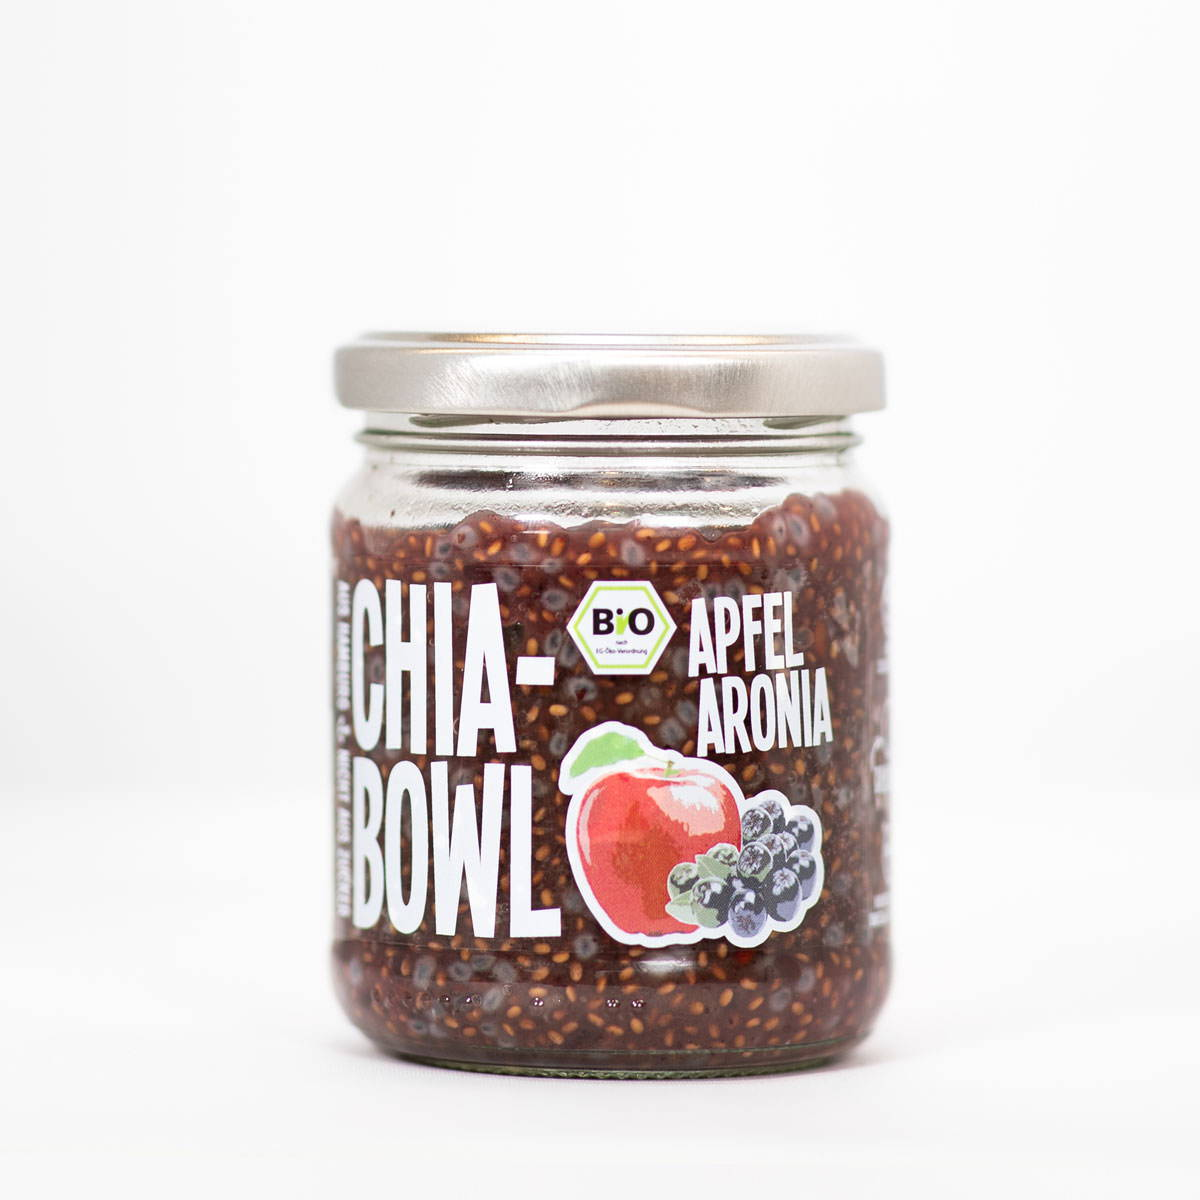 Chia Bowl Apfel Aronia